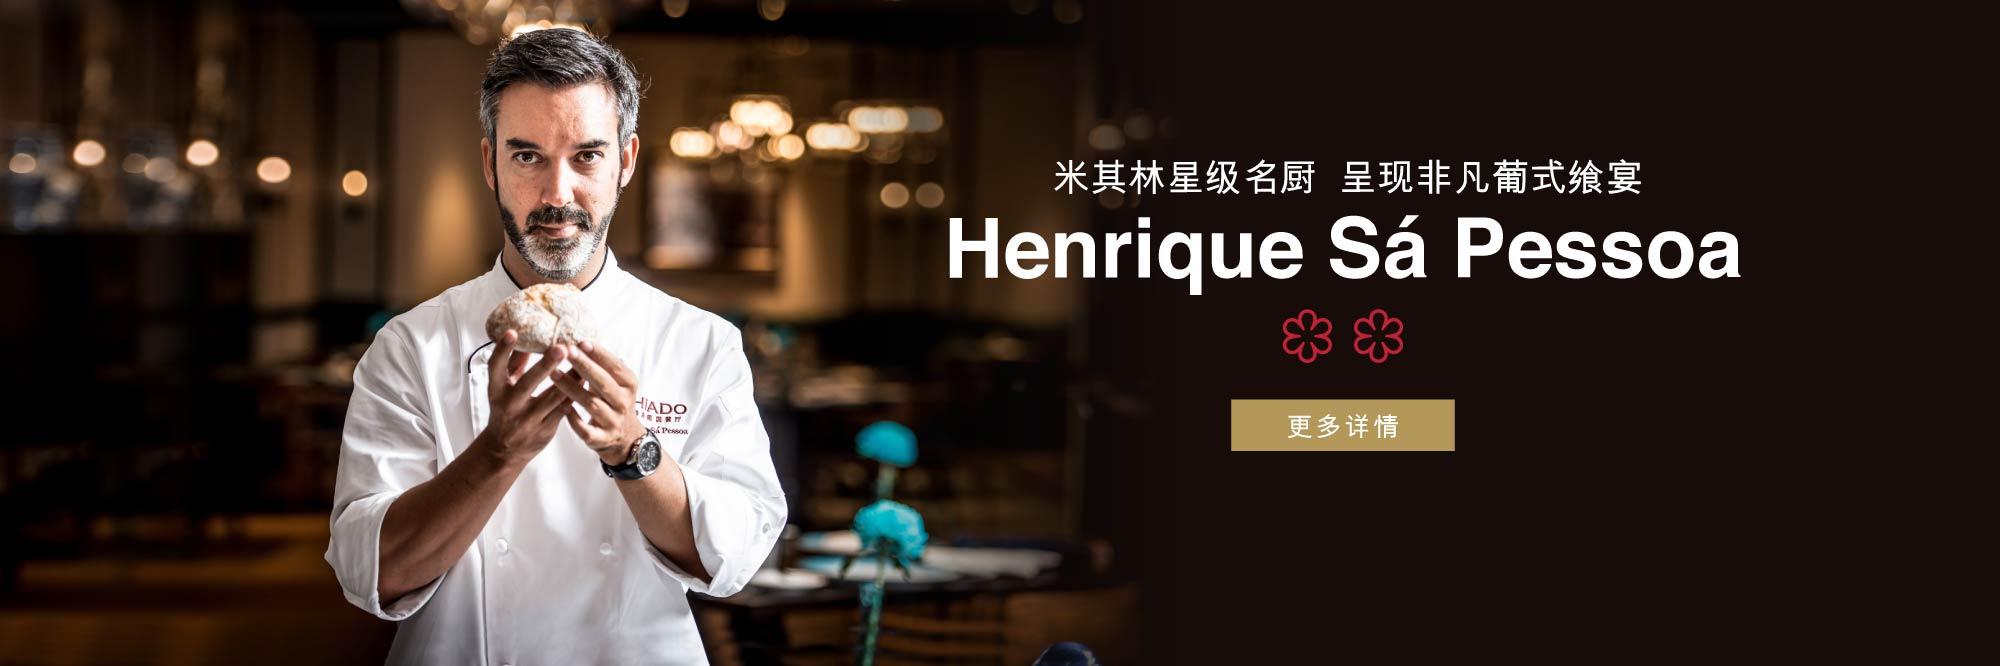 米其林星级名厨Henrique Sá Pessoa呈献非凡葡式飨宴